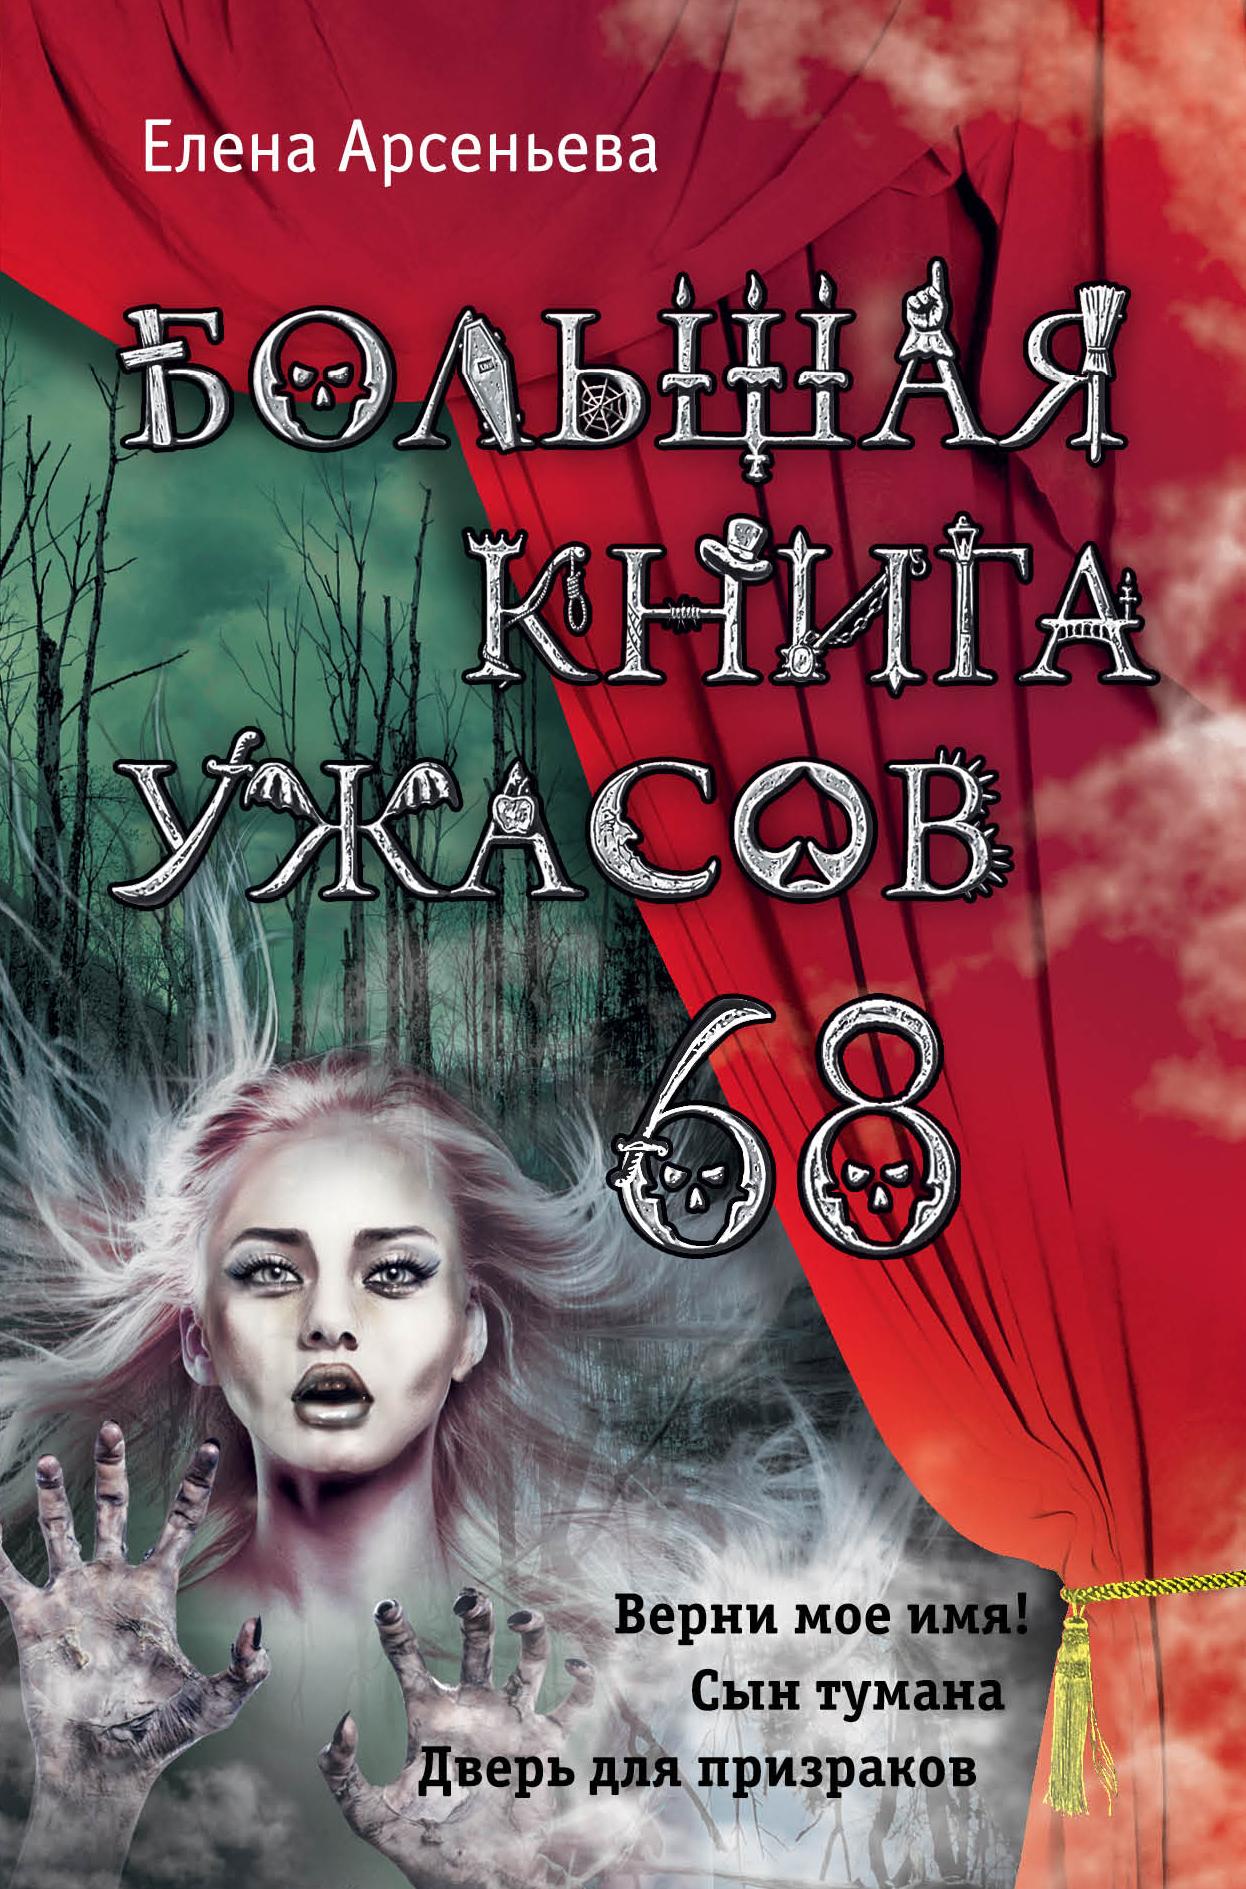 bolshaya kniga uzhasov 68 sbornik